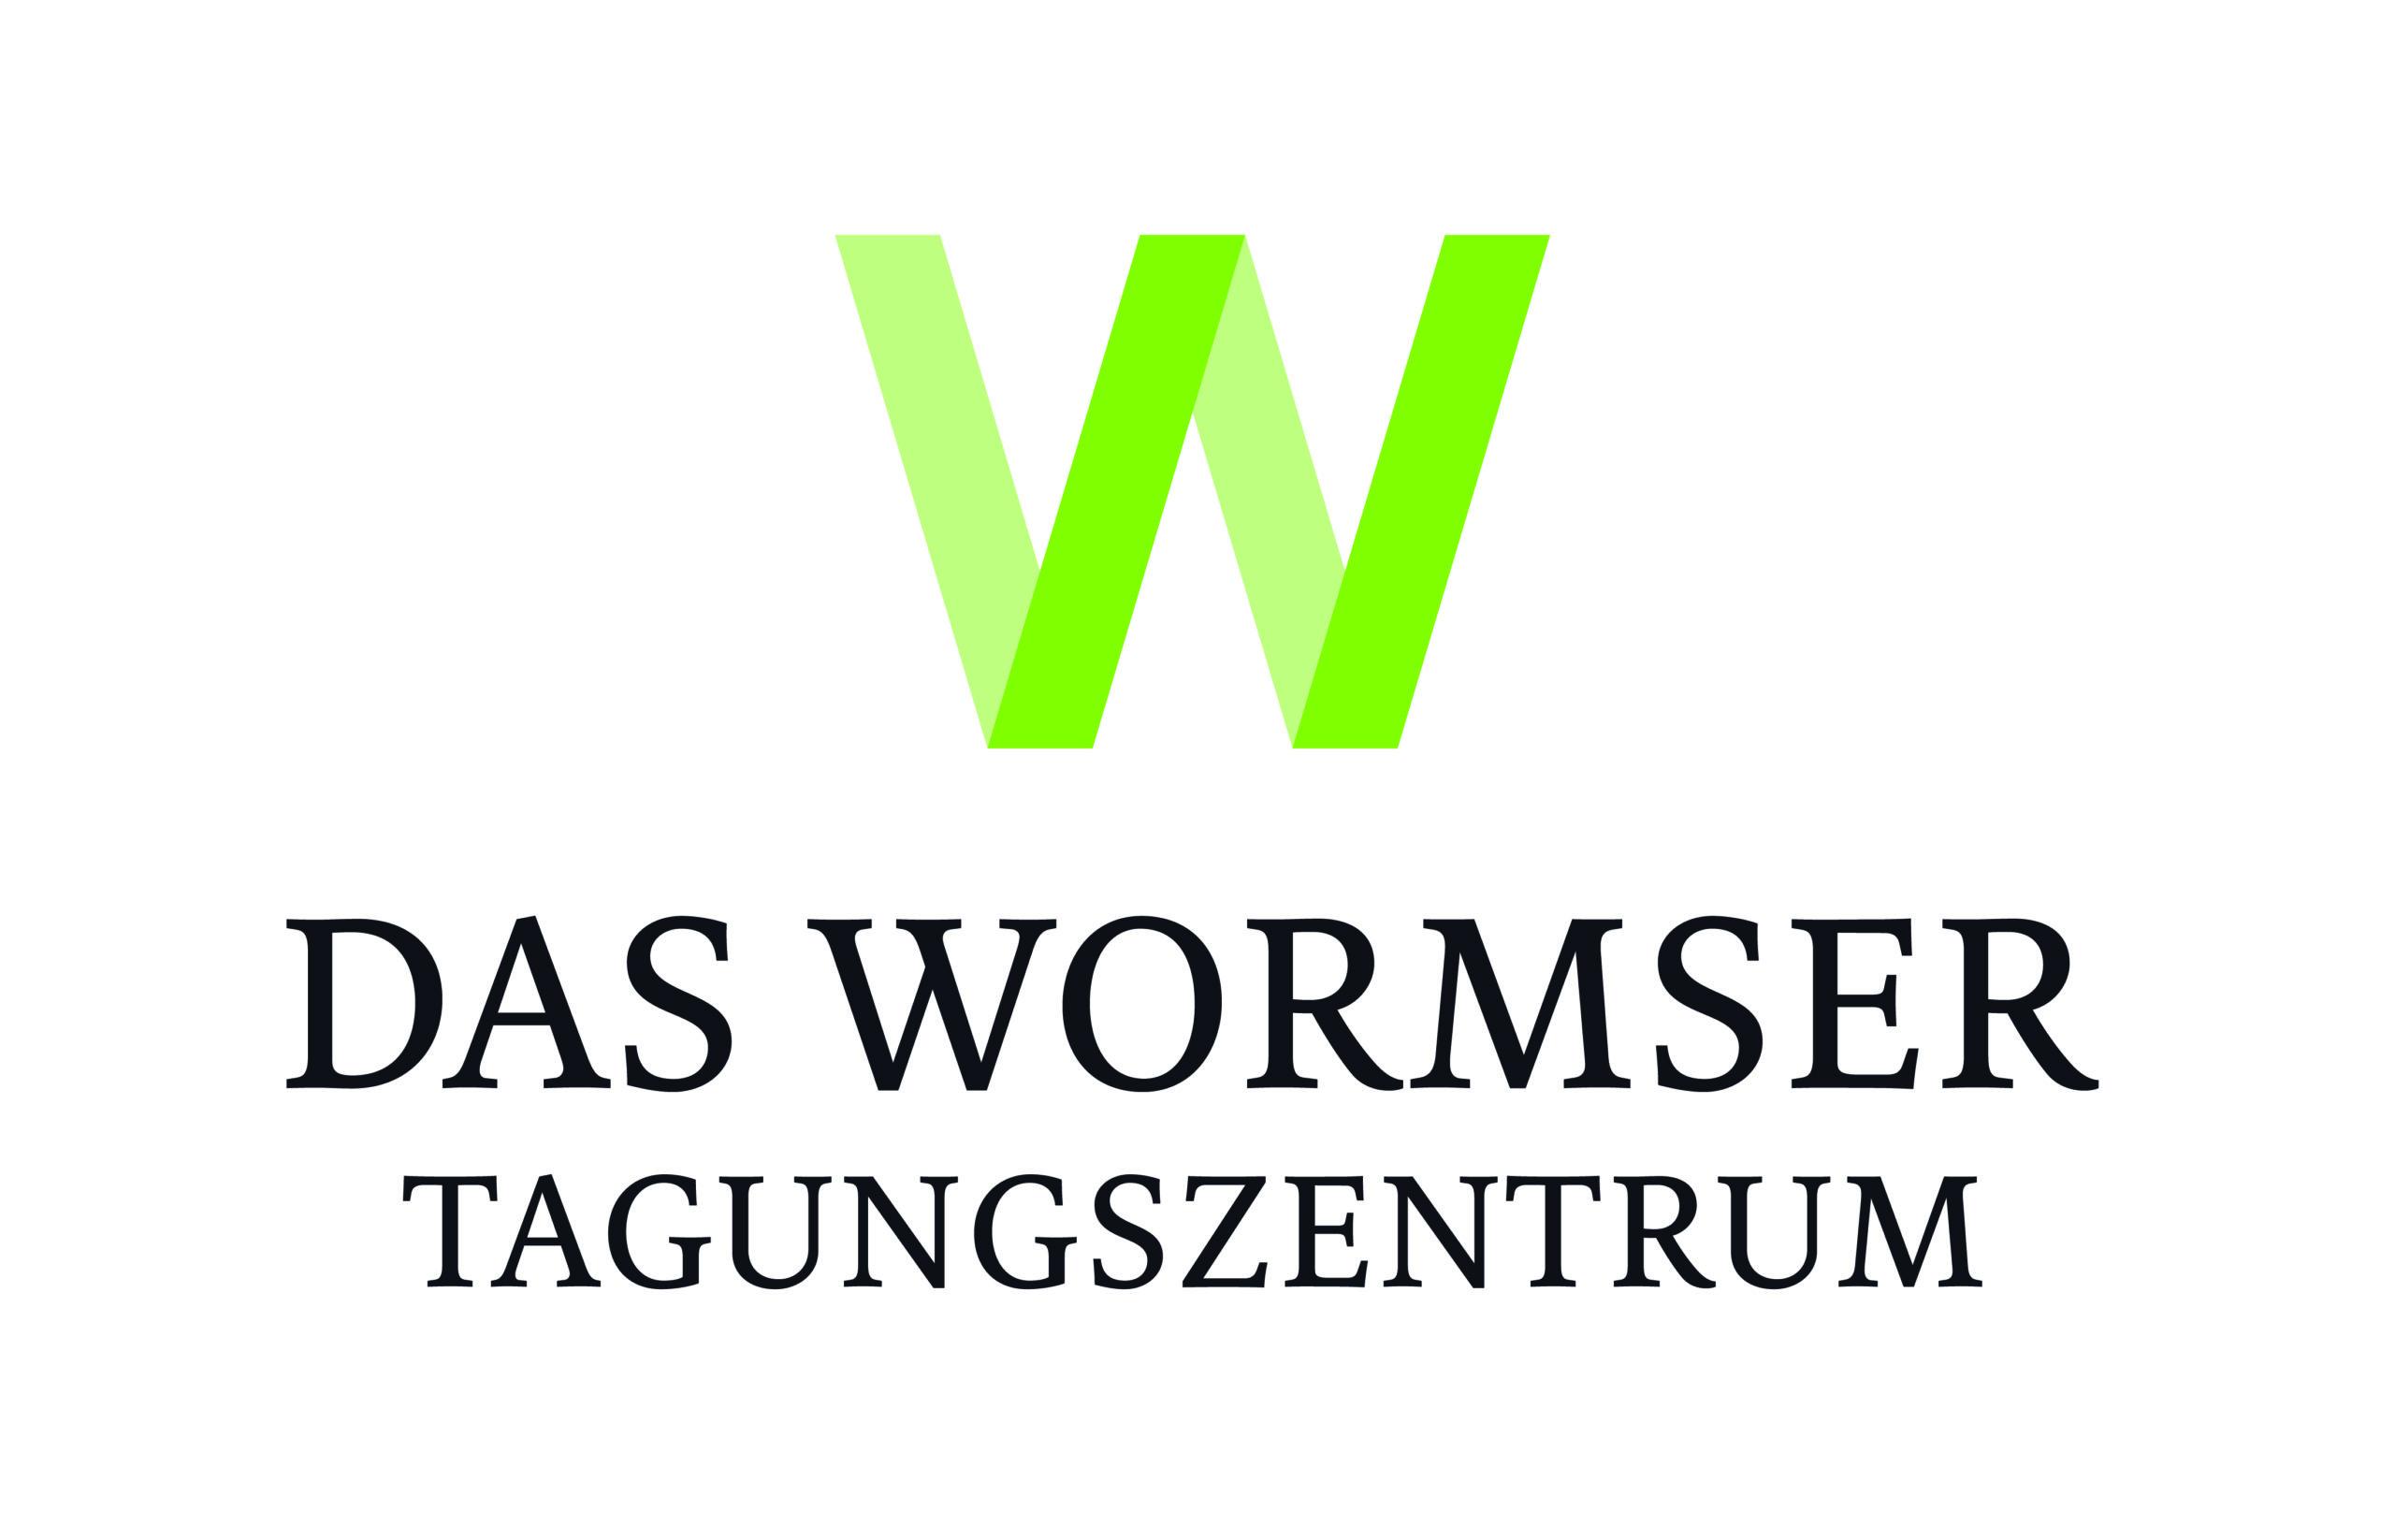 Das Wormser Tagungszentrum